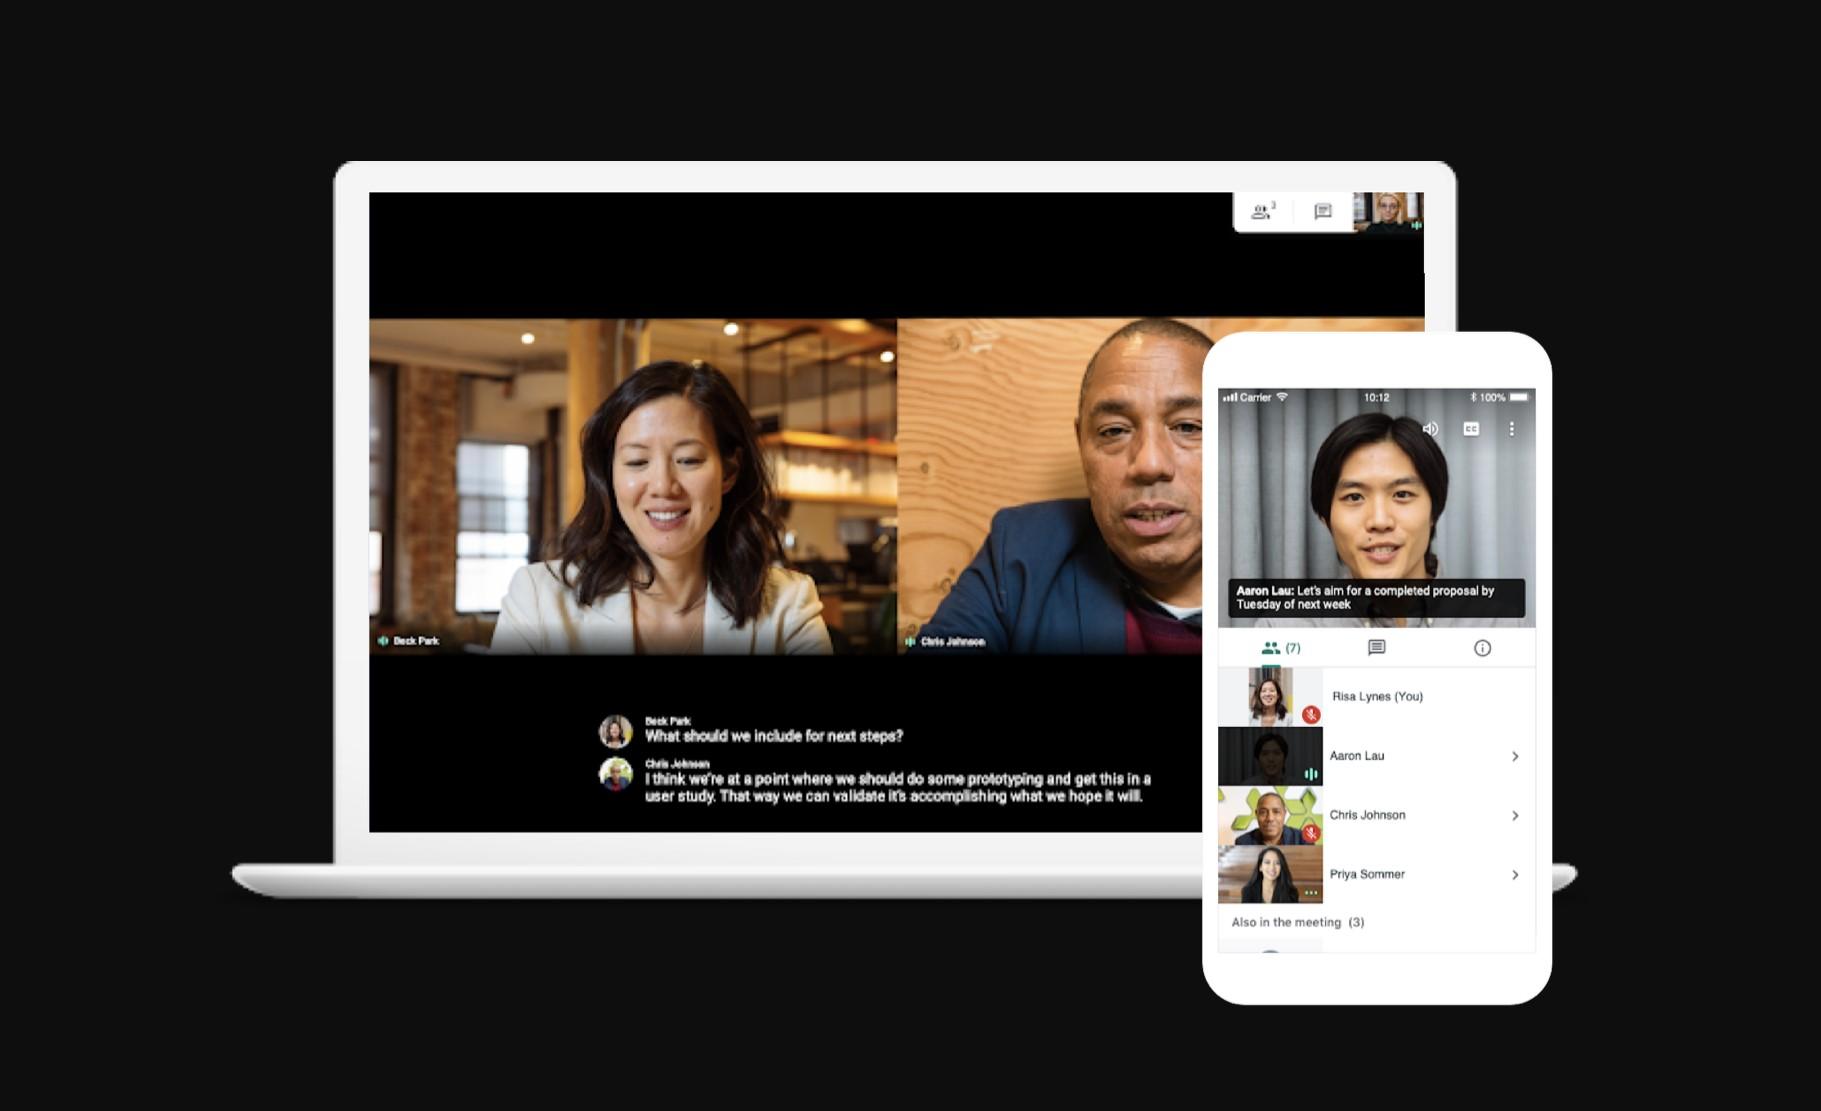 Google Meet nově pro všechny, premiová videokonference od Googlu